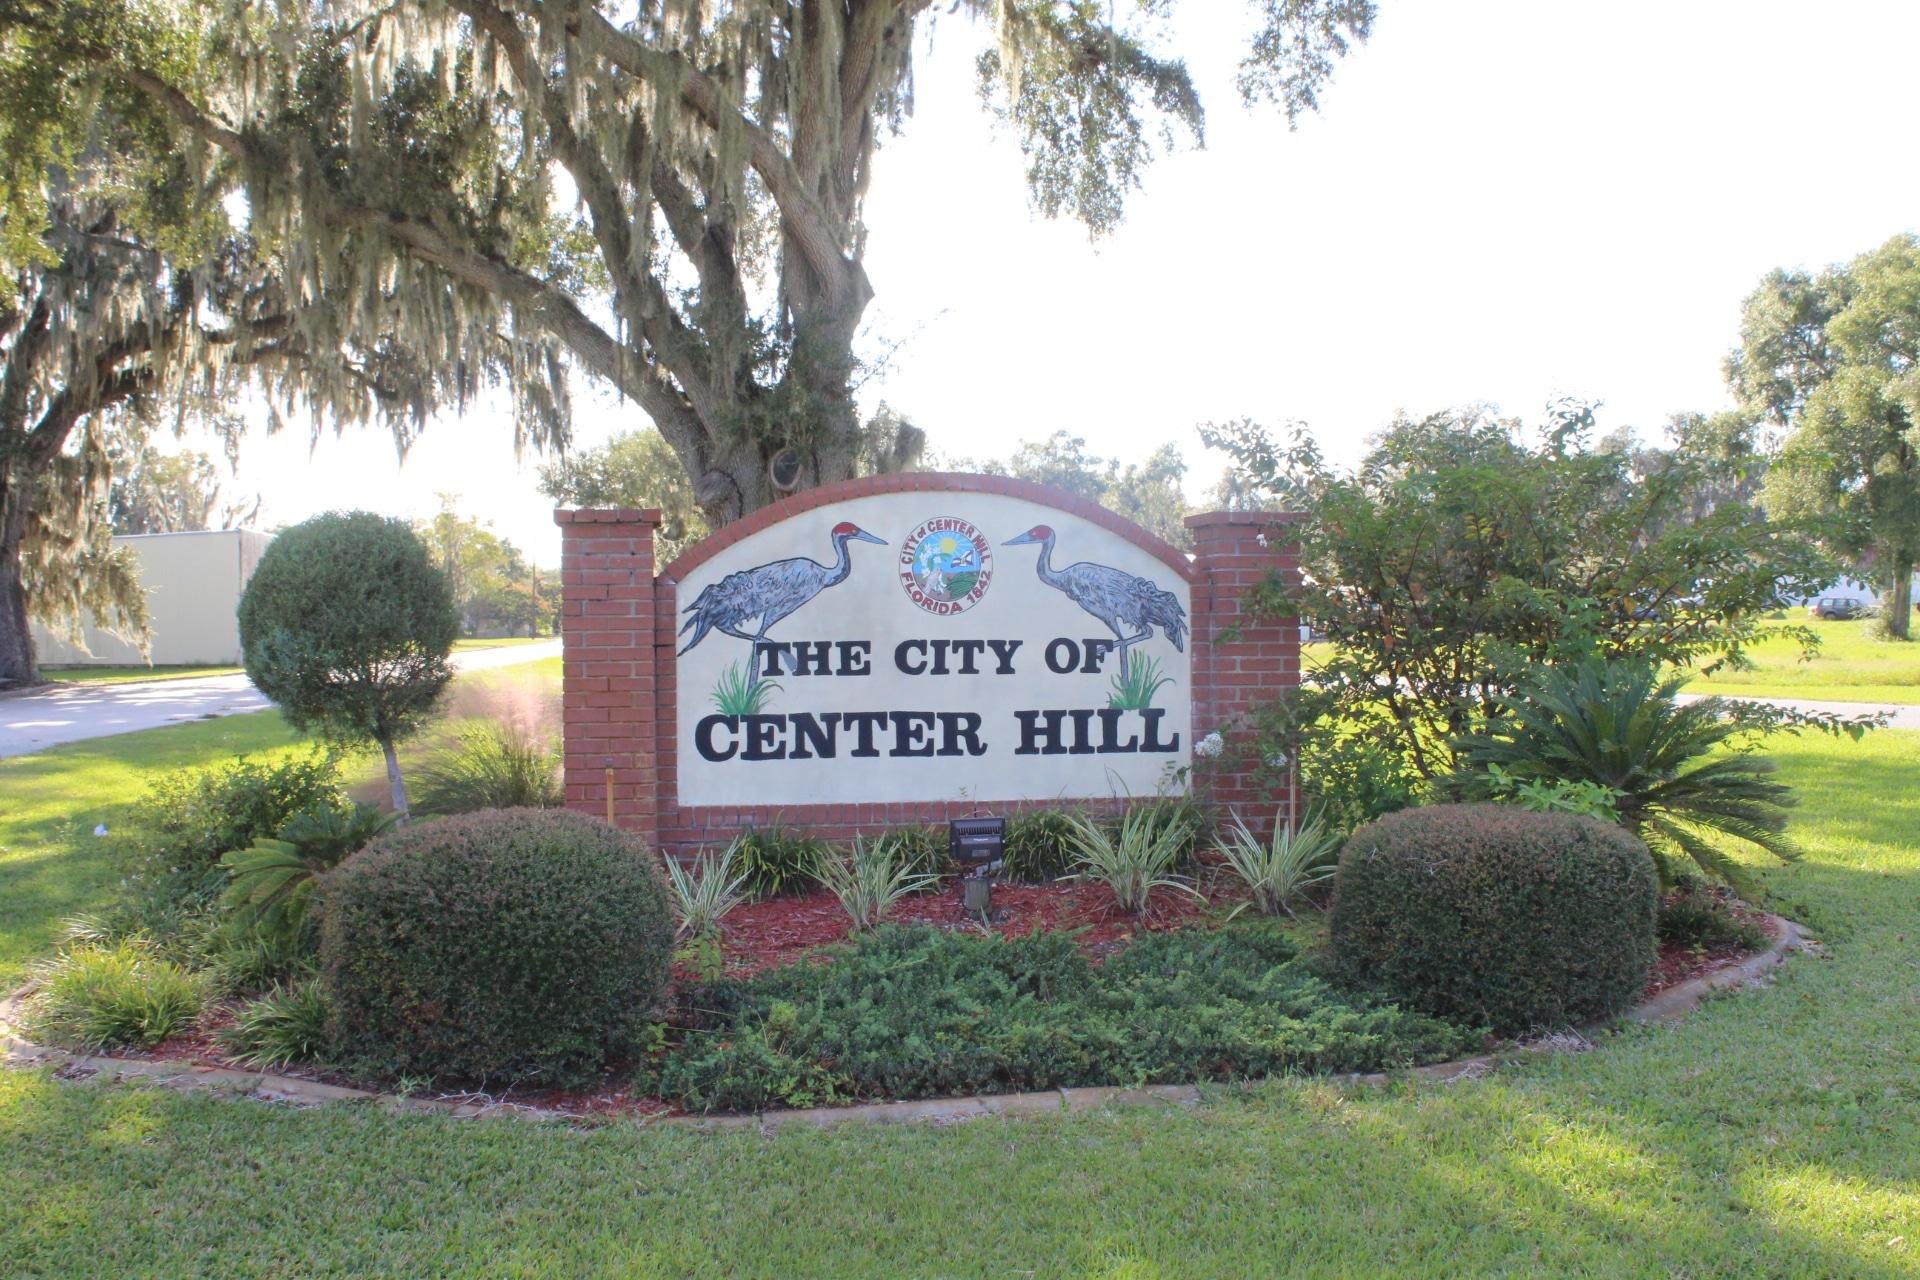 Center Hill, Fl SEO Services